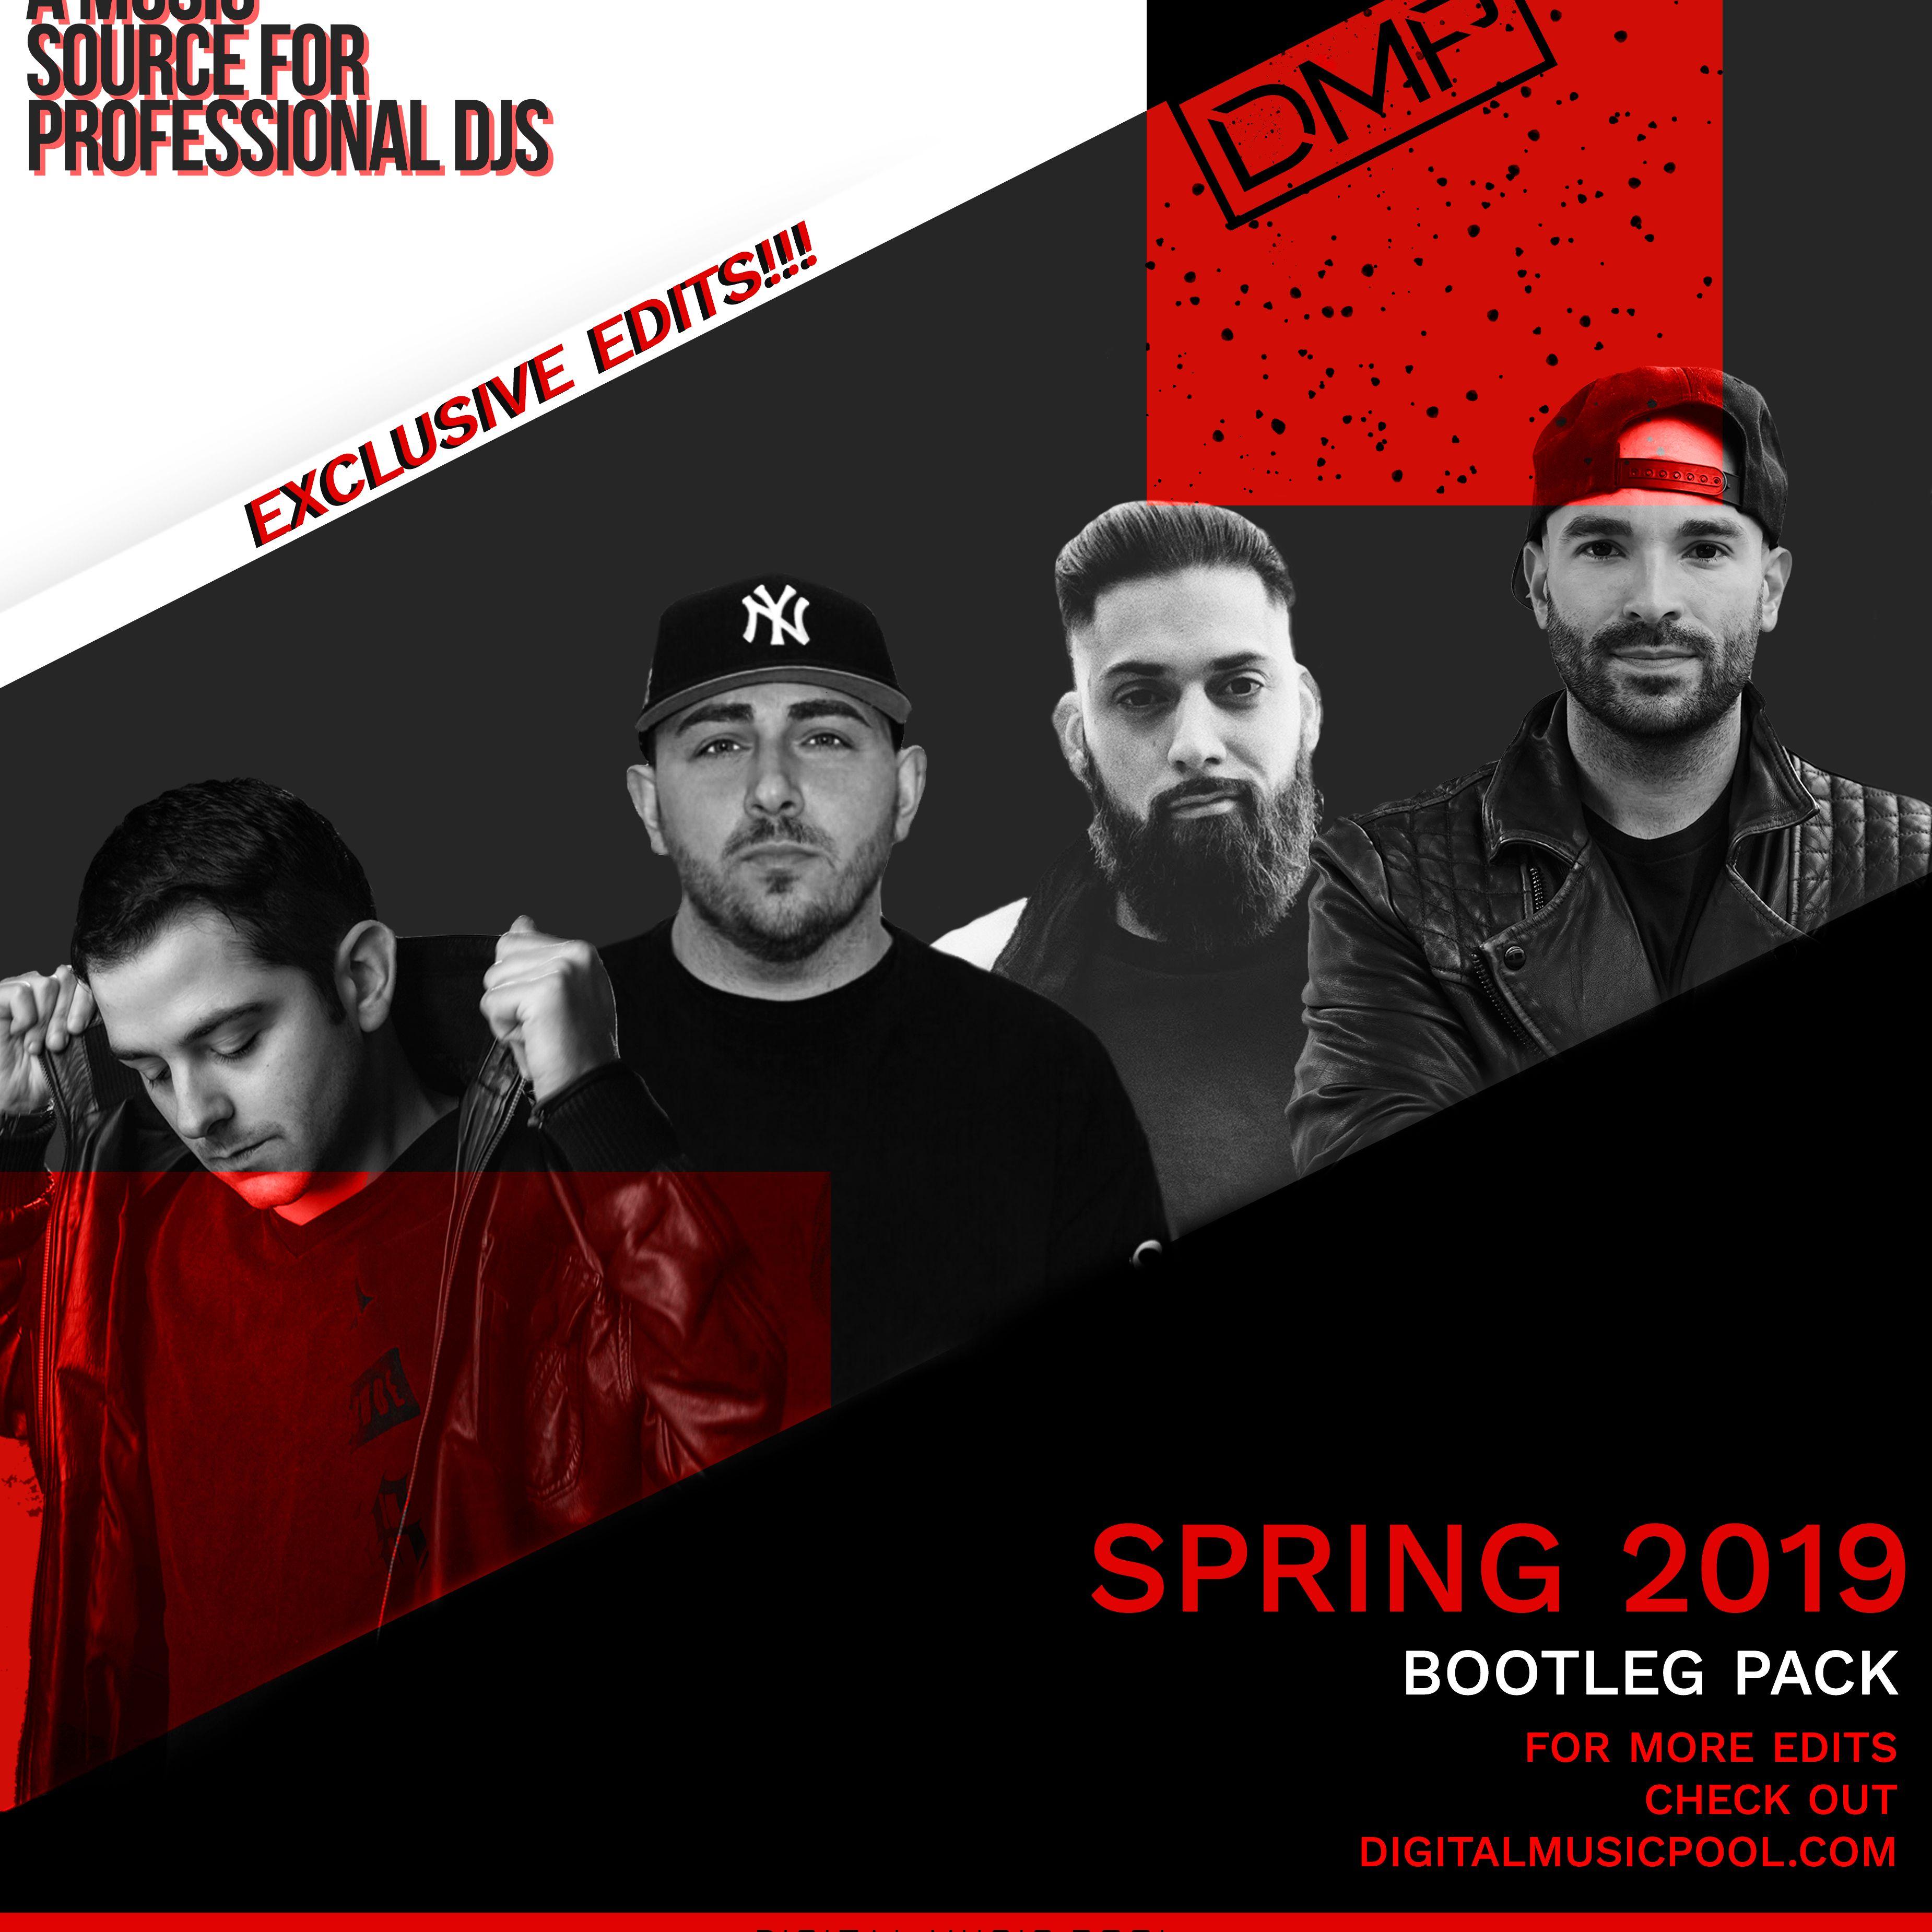 Digital Music Pool Spring 2019 Bootleg Pack by Digital Music Pool